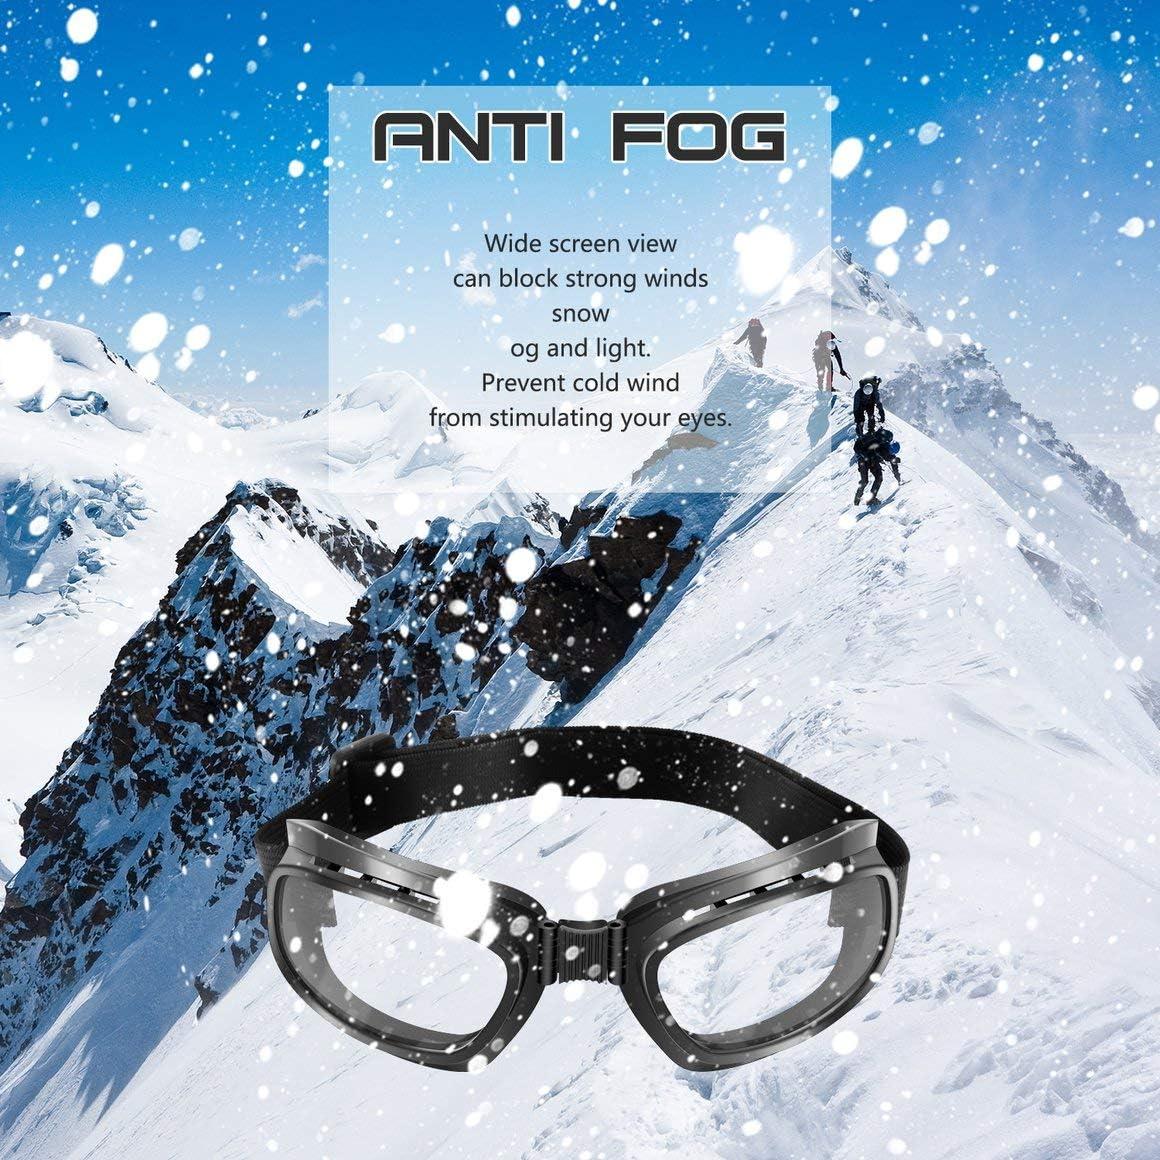 Gafas Plegables de la Motocicleta de la Vendimia Gafas a Prueba de Viento Gafas de esqu/í Snowboard Gafas de Carreras Off Road Gafas Gafas a Prueba de Polvo Paperllong/®